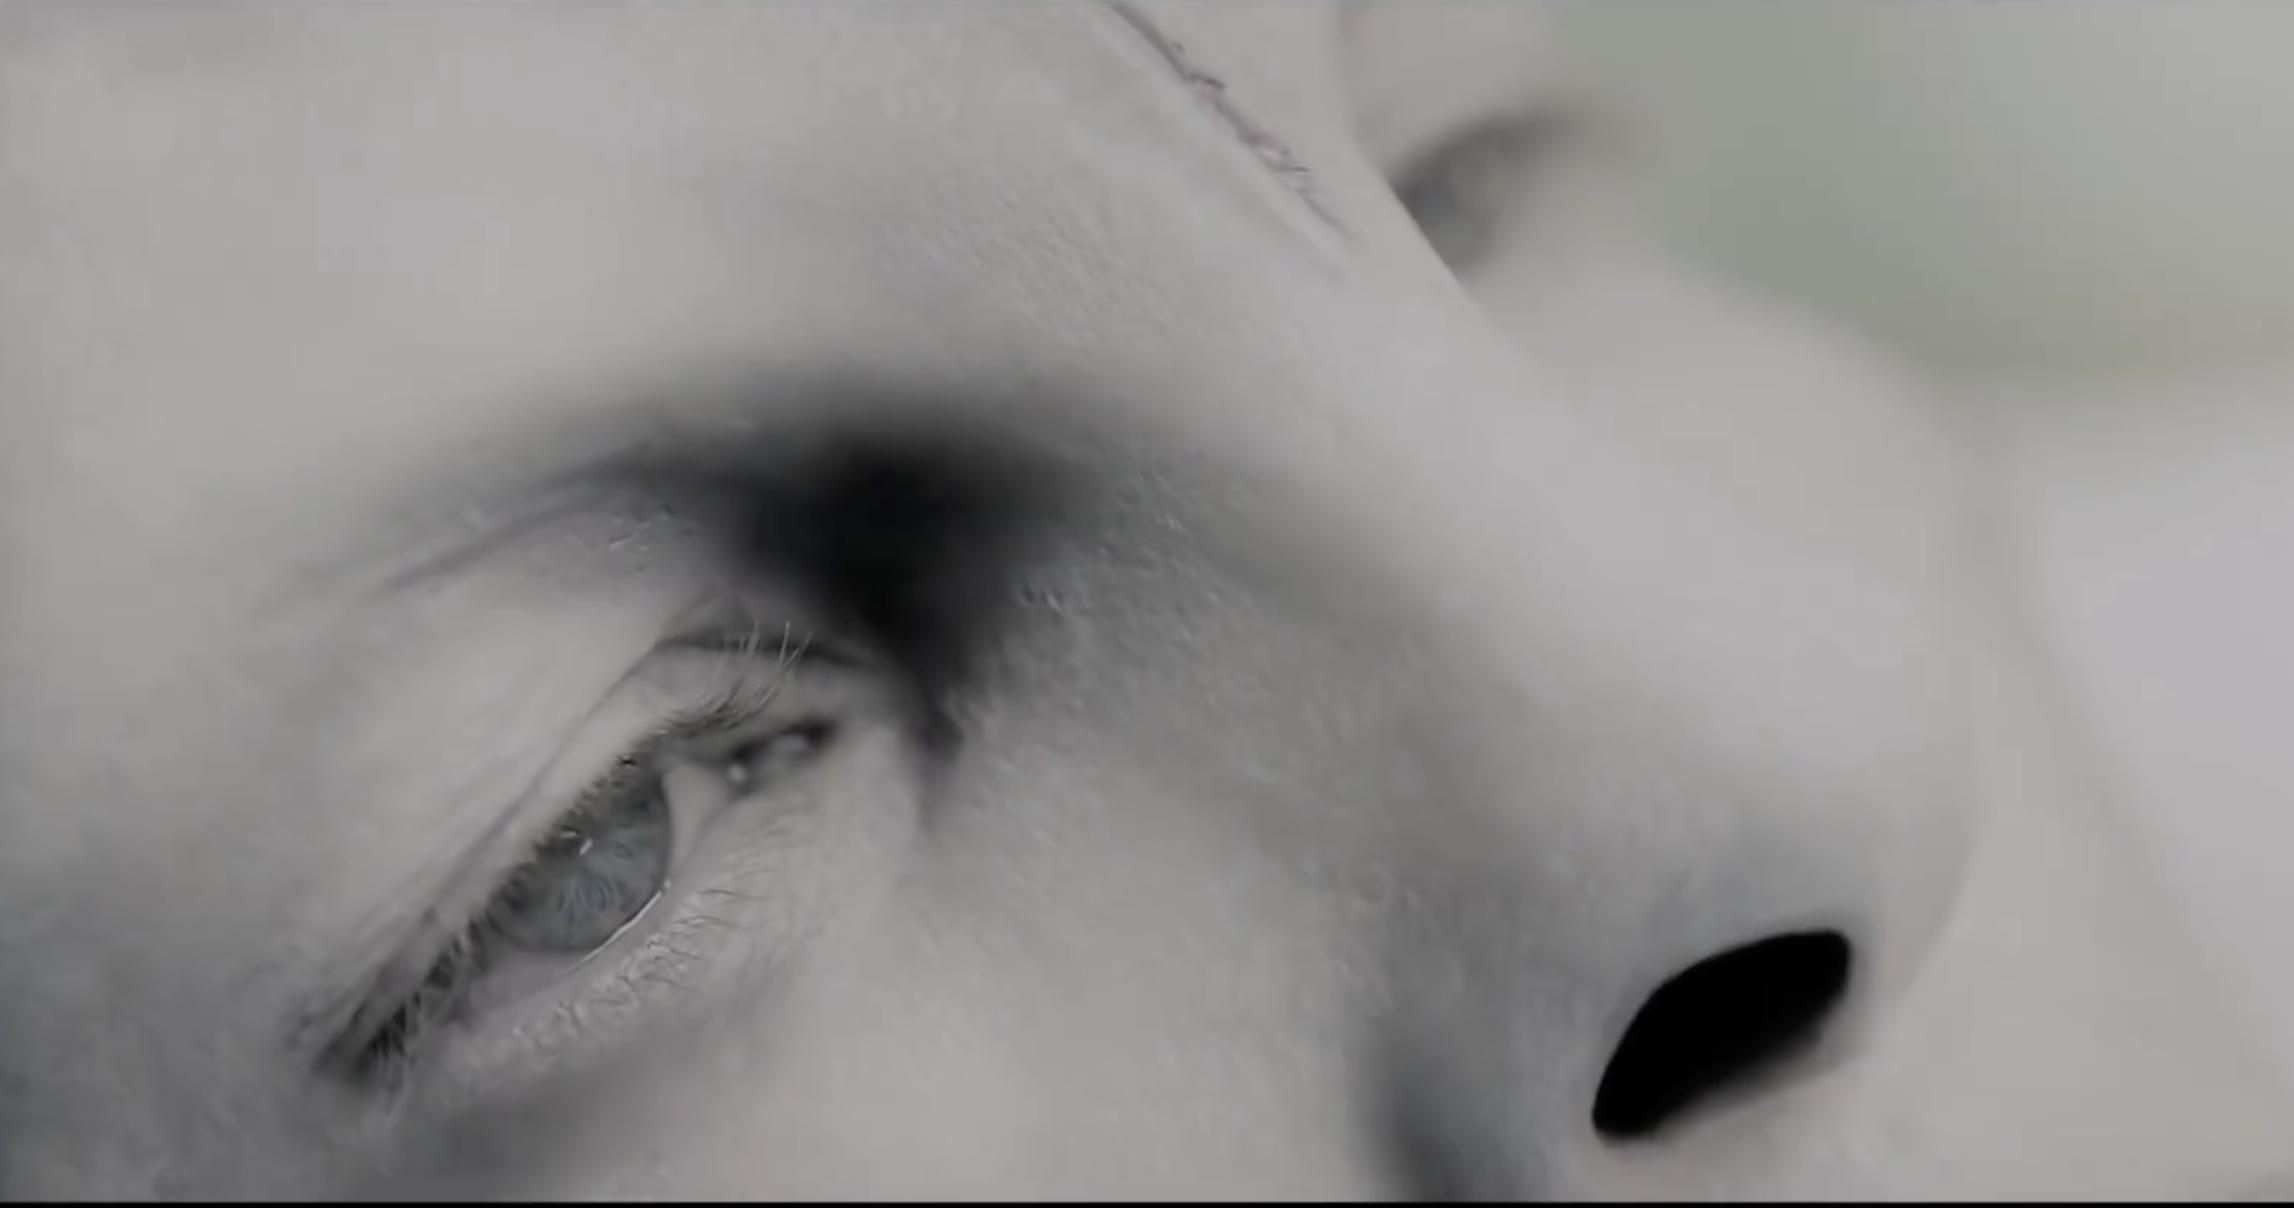 Трейлер фильма «Титан»: Сэм Уортингтон мутирует в сверхчеловека